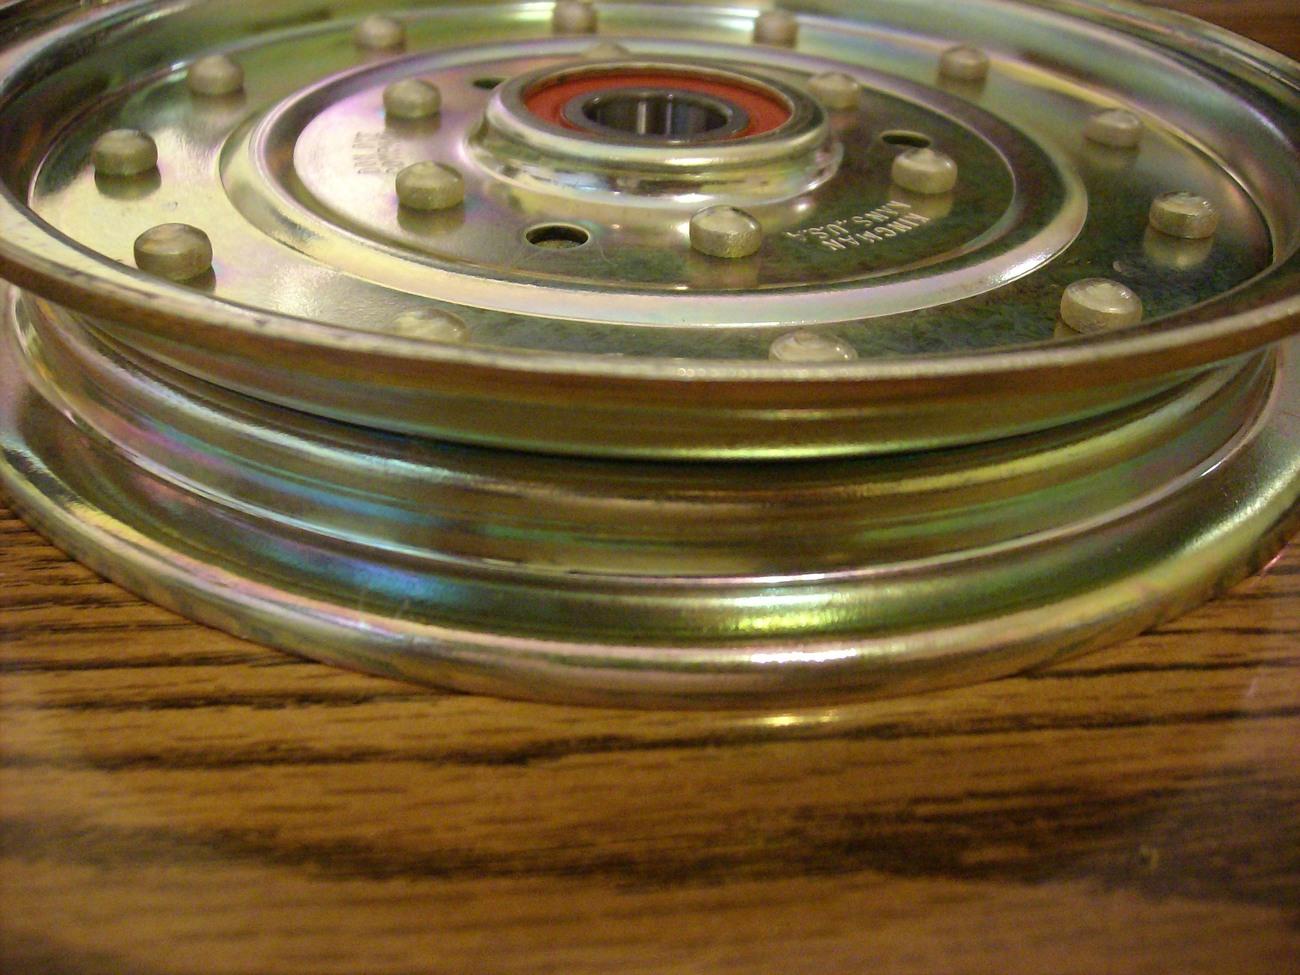 Exmark Lazer Z and Lazer XP deck idler pulley 1-633109 / 633109